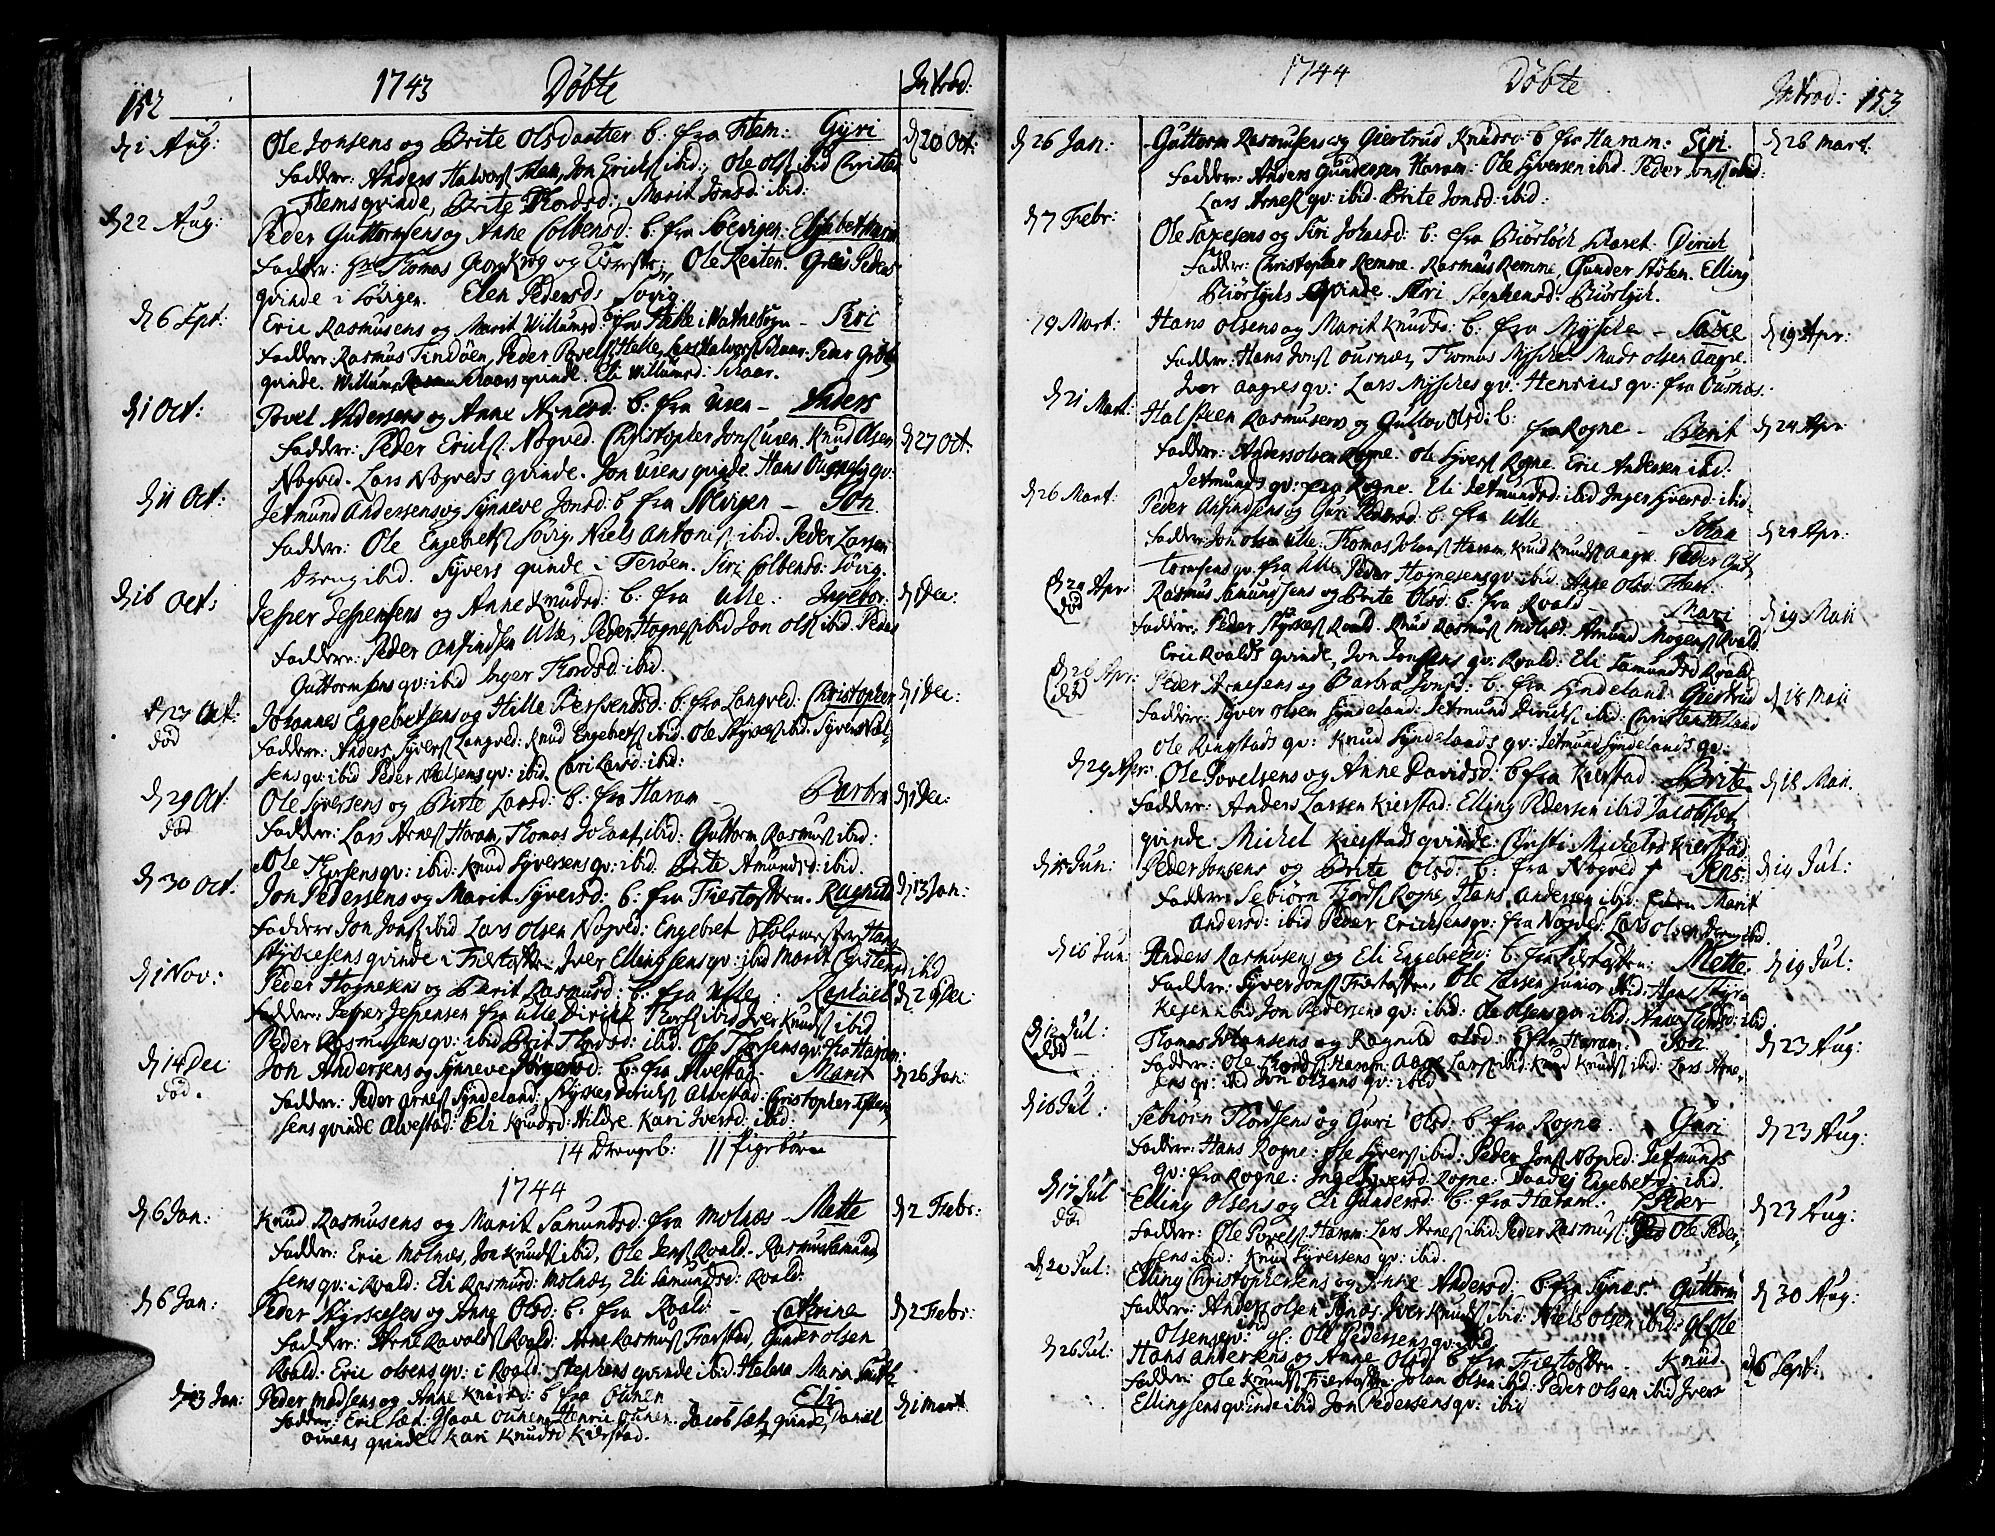 SAT, Ministerialprotokoller, klokkerbøker og fødselsregistre - Møre og Romsdal, 536/L0493: Ministerialbok nr. 536A02, 1739-1802, s. 152-153